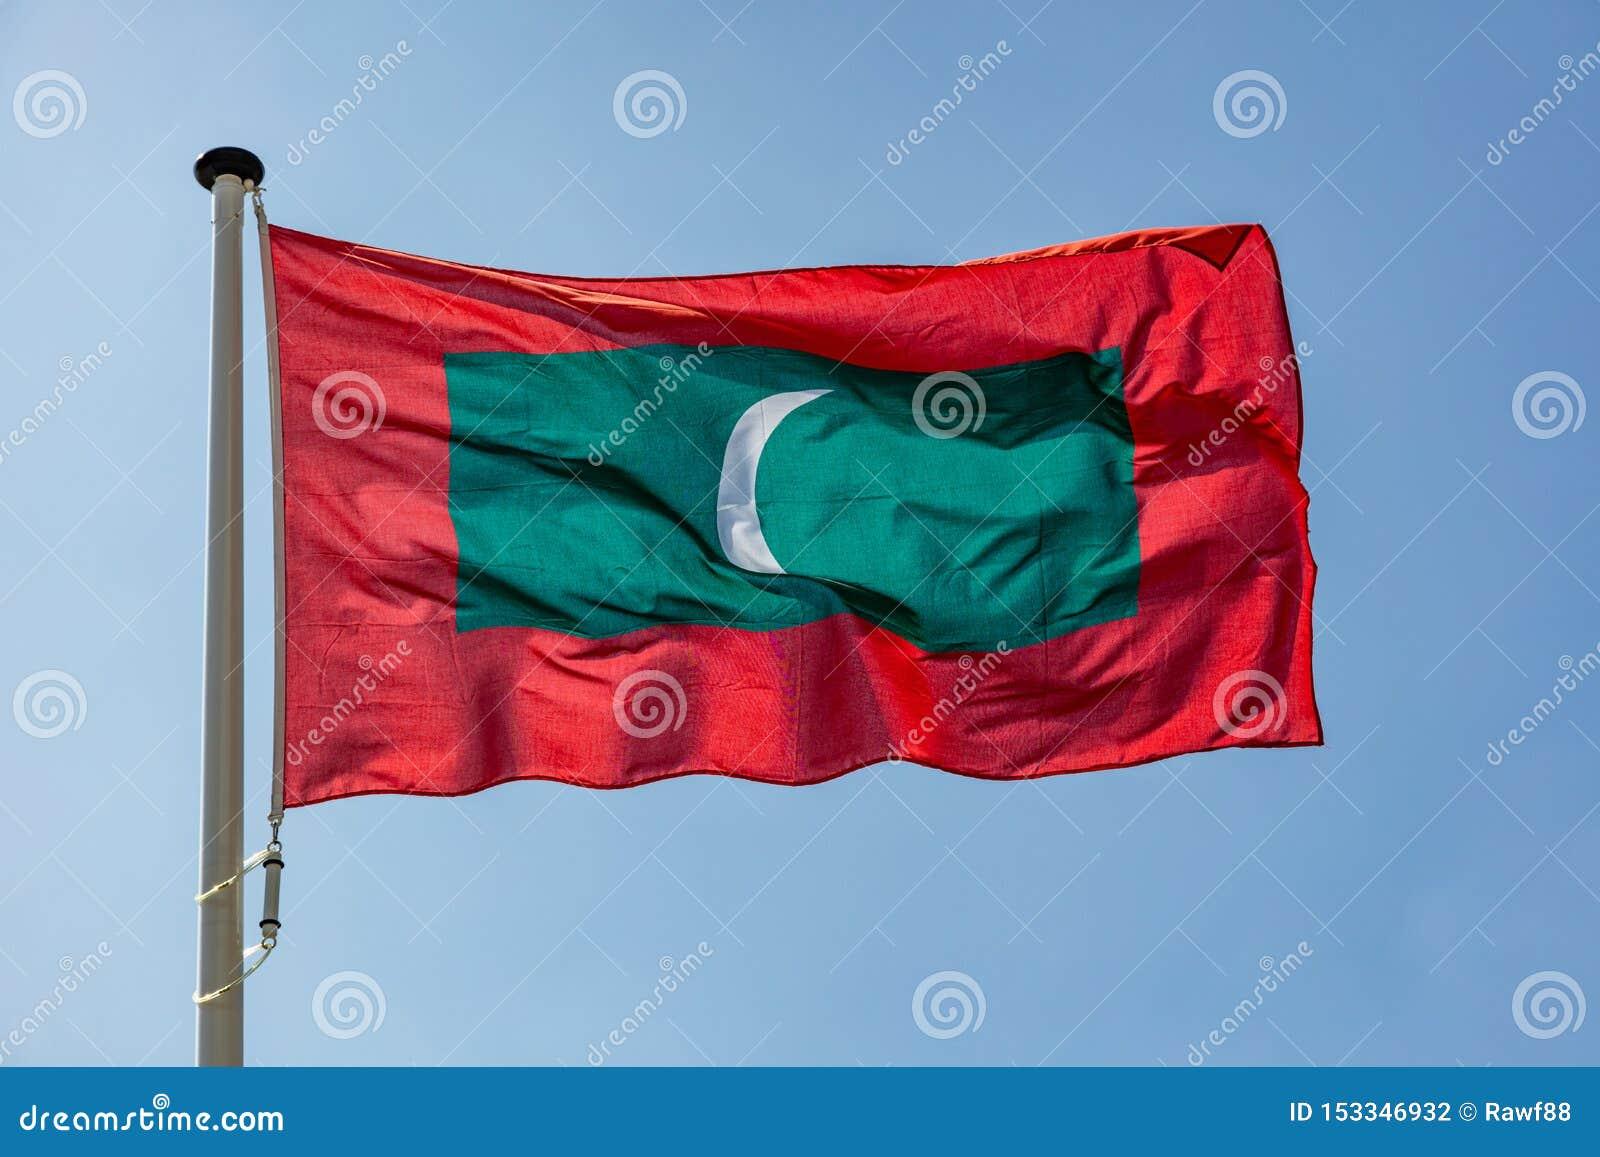 Maldives flagi falowanie przeciw jasnemu niebieskiemu niebu